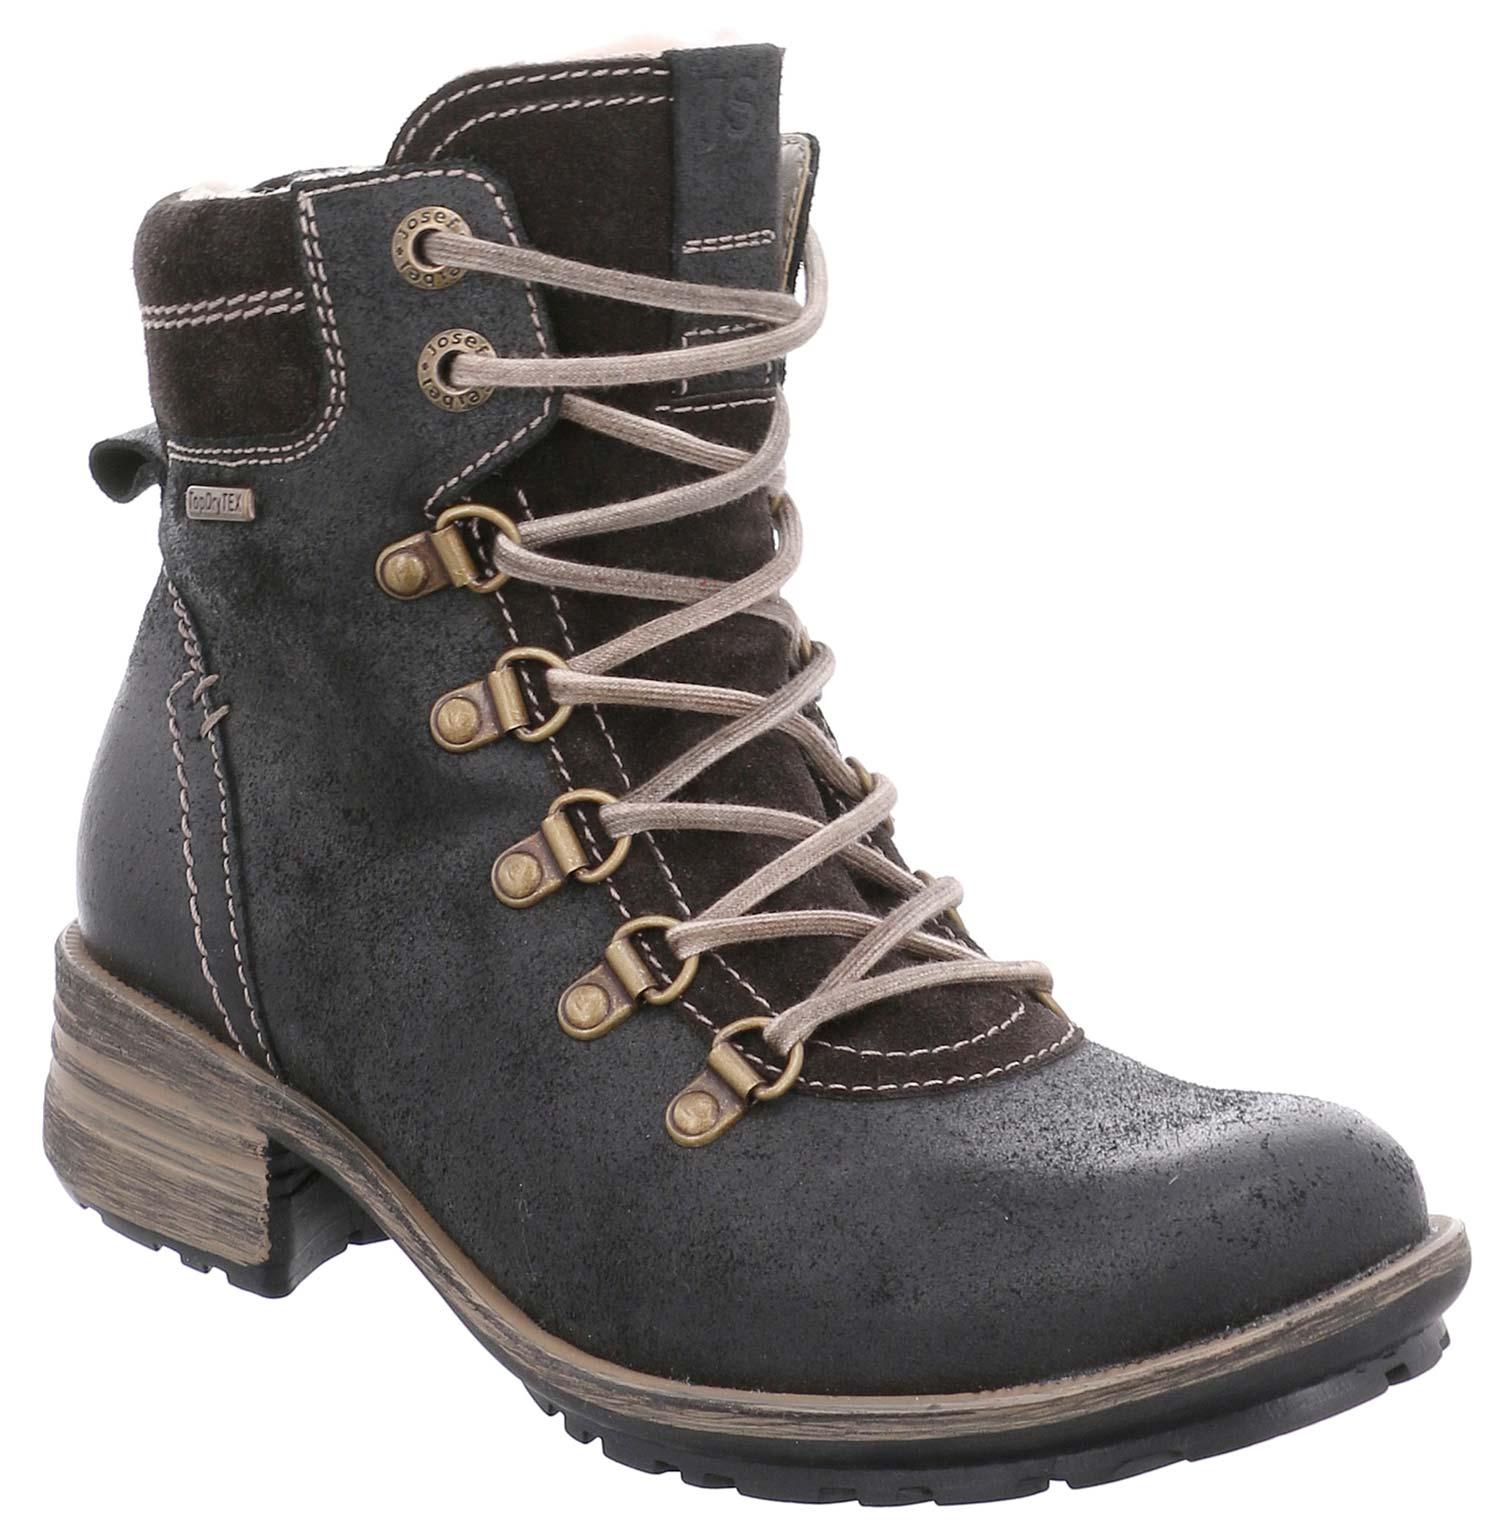 a1cfd30ca9548 Josef Seibel sandra señora invierno zapatos botas 93574pl977 100 negro nuevo